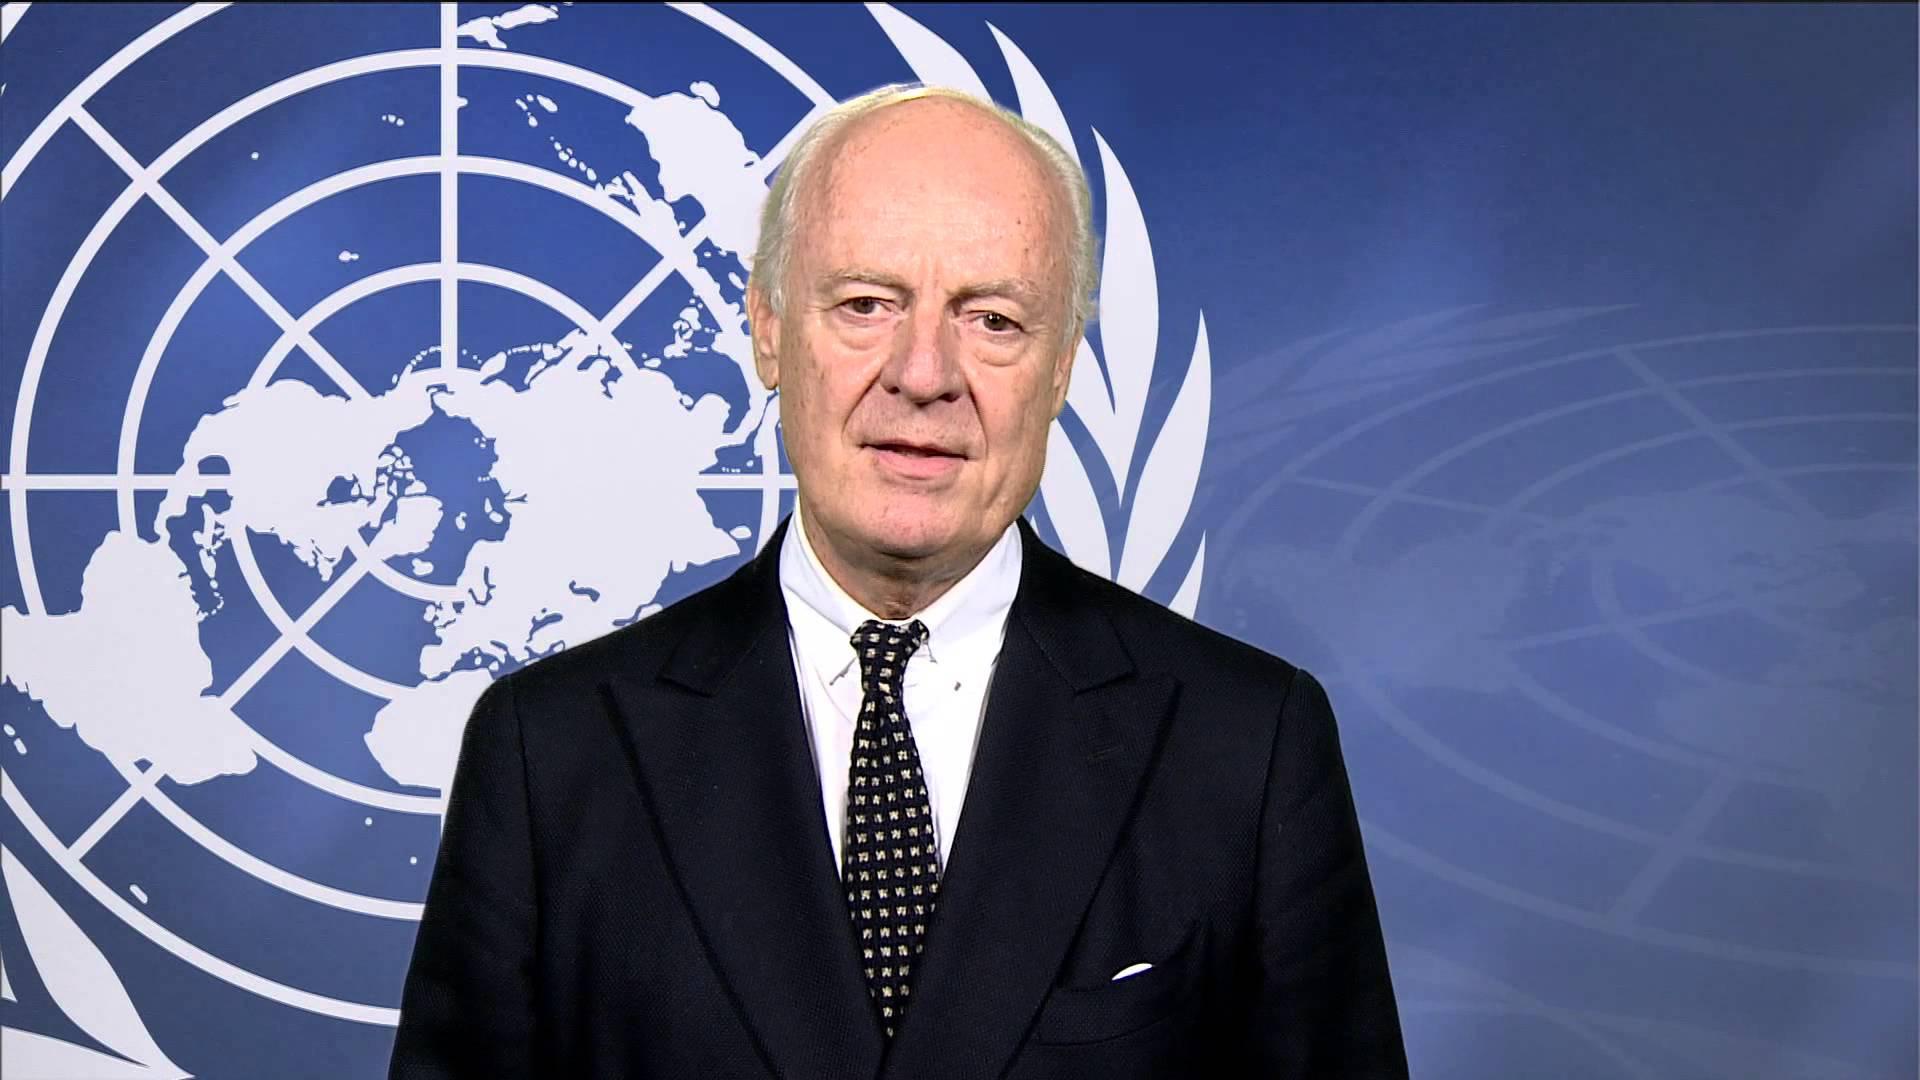 BM Suriye Özel Temsilcisi Ankara'ya geliyor